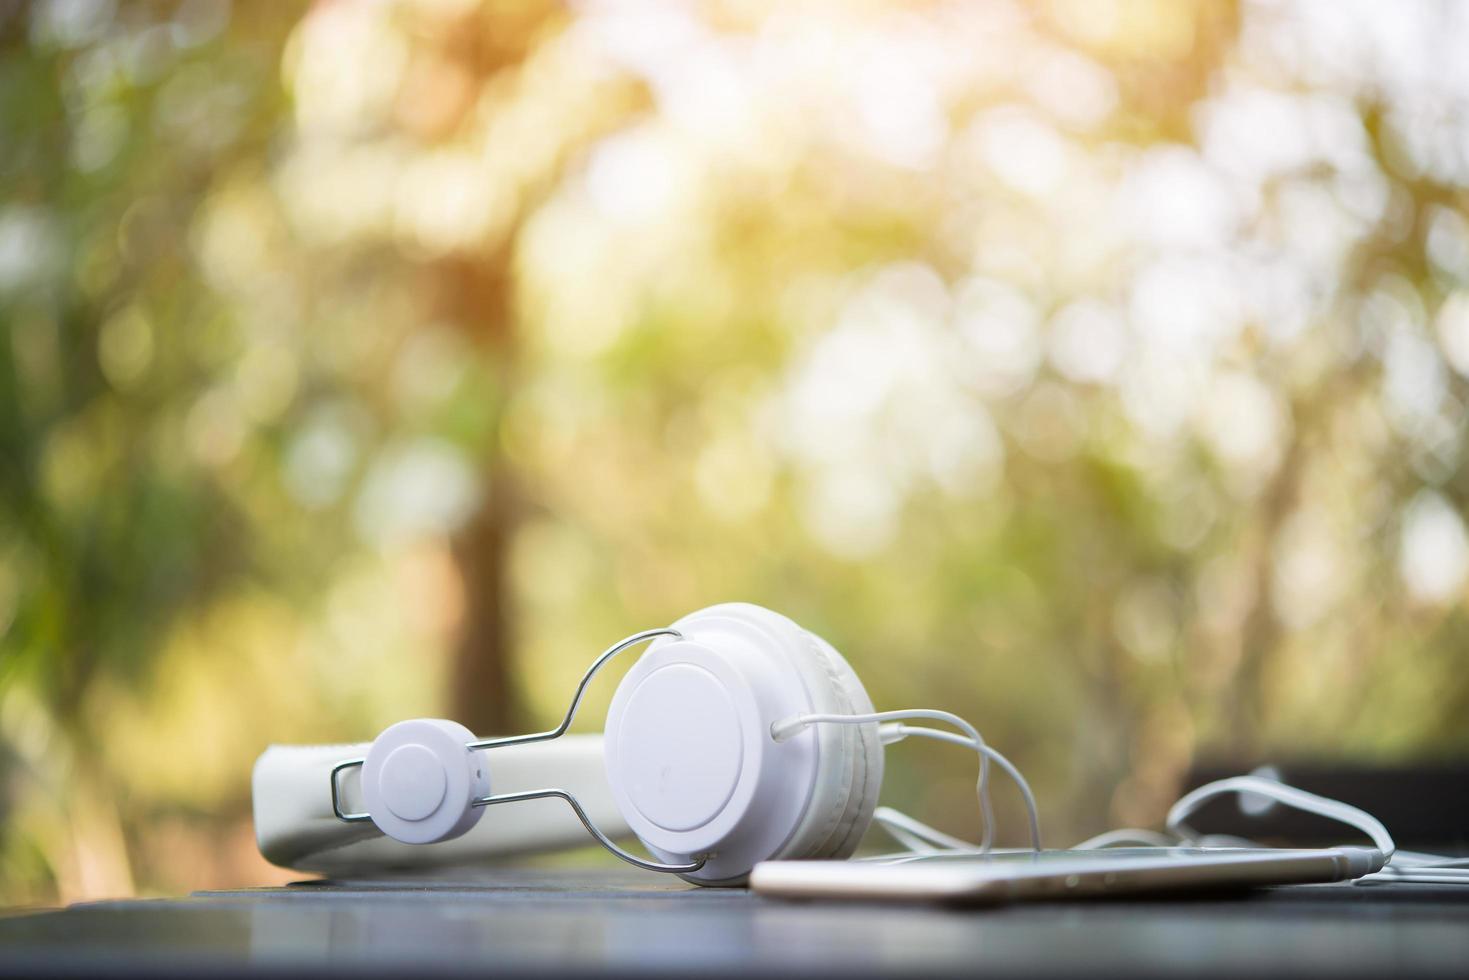 vita hörlurar på träbord med naturbakgrund foto